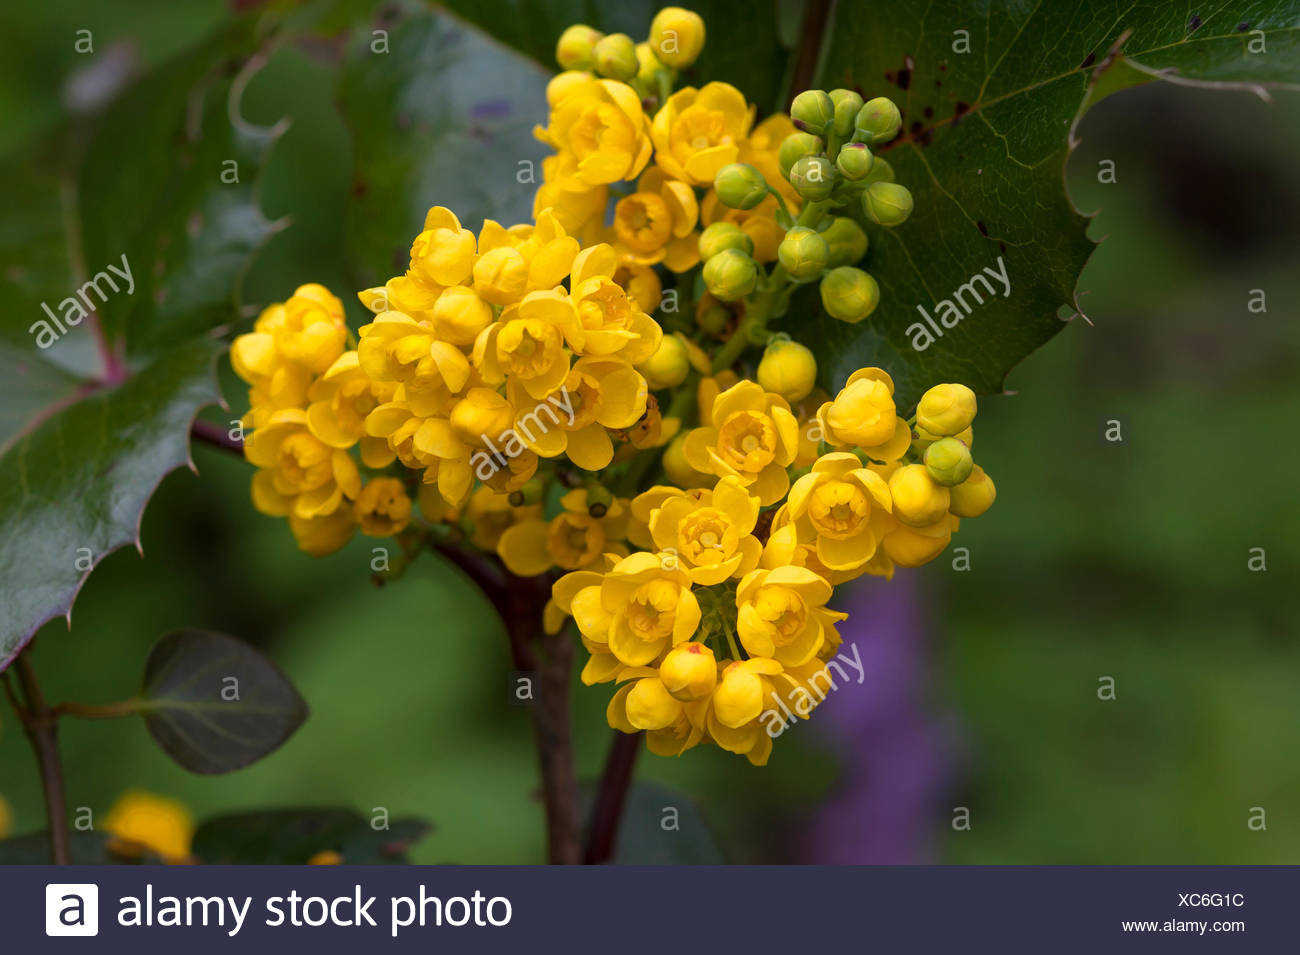 Fiori Gialli Germania.Fiori Gialli Di Oregon Uva Mahonia Aquifolium Baviera Germania